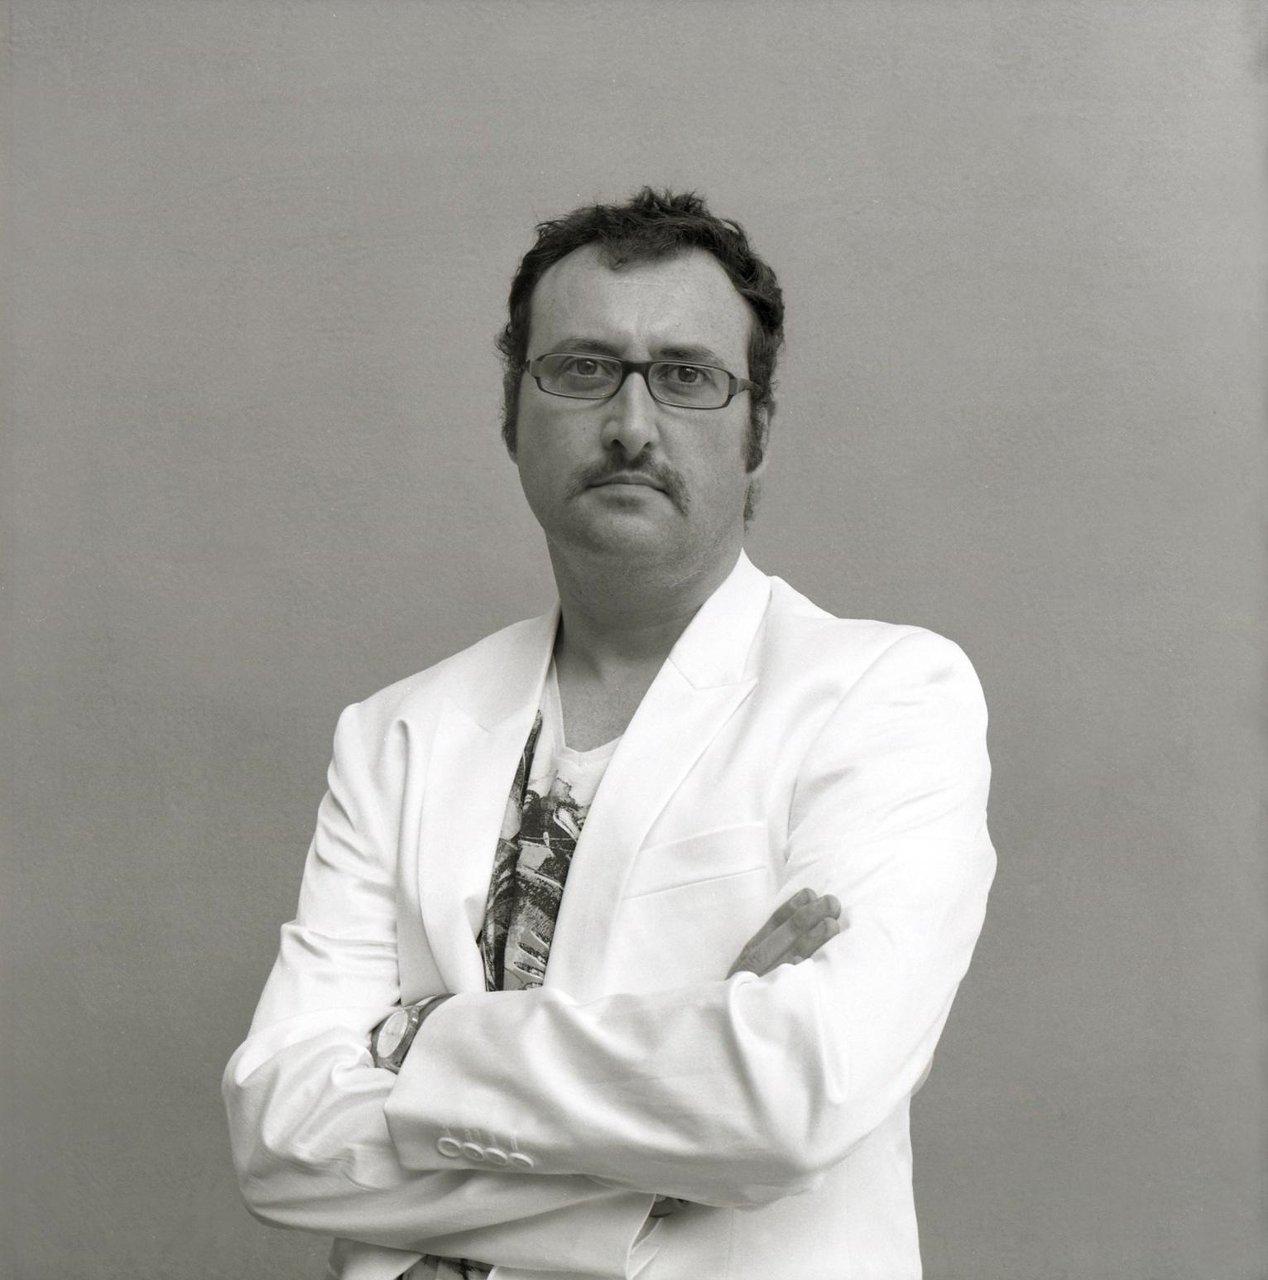 ALBAN DARCHE